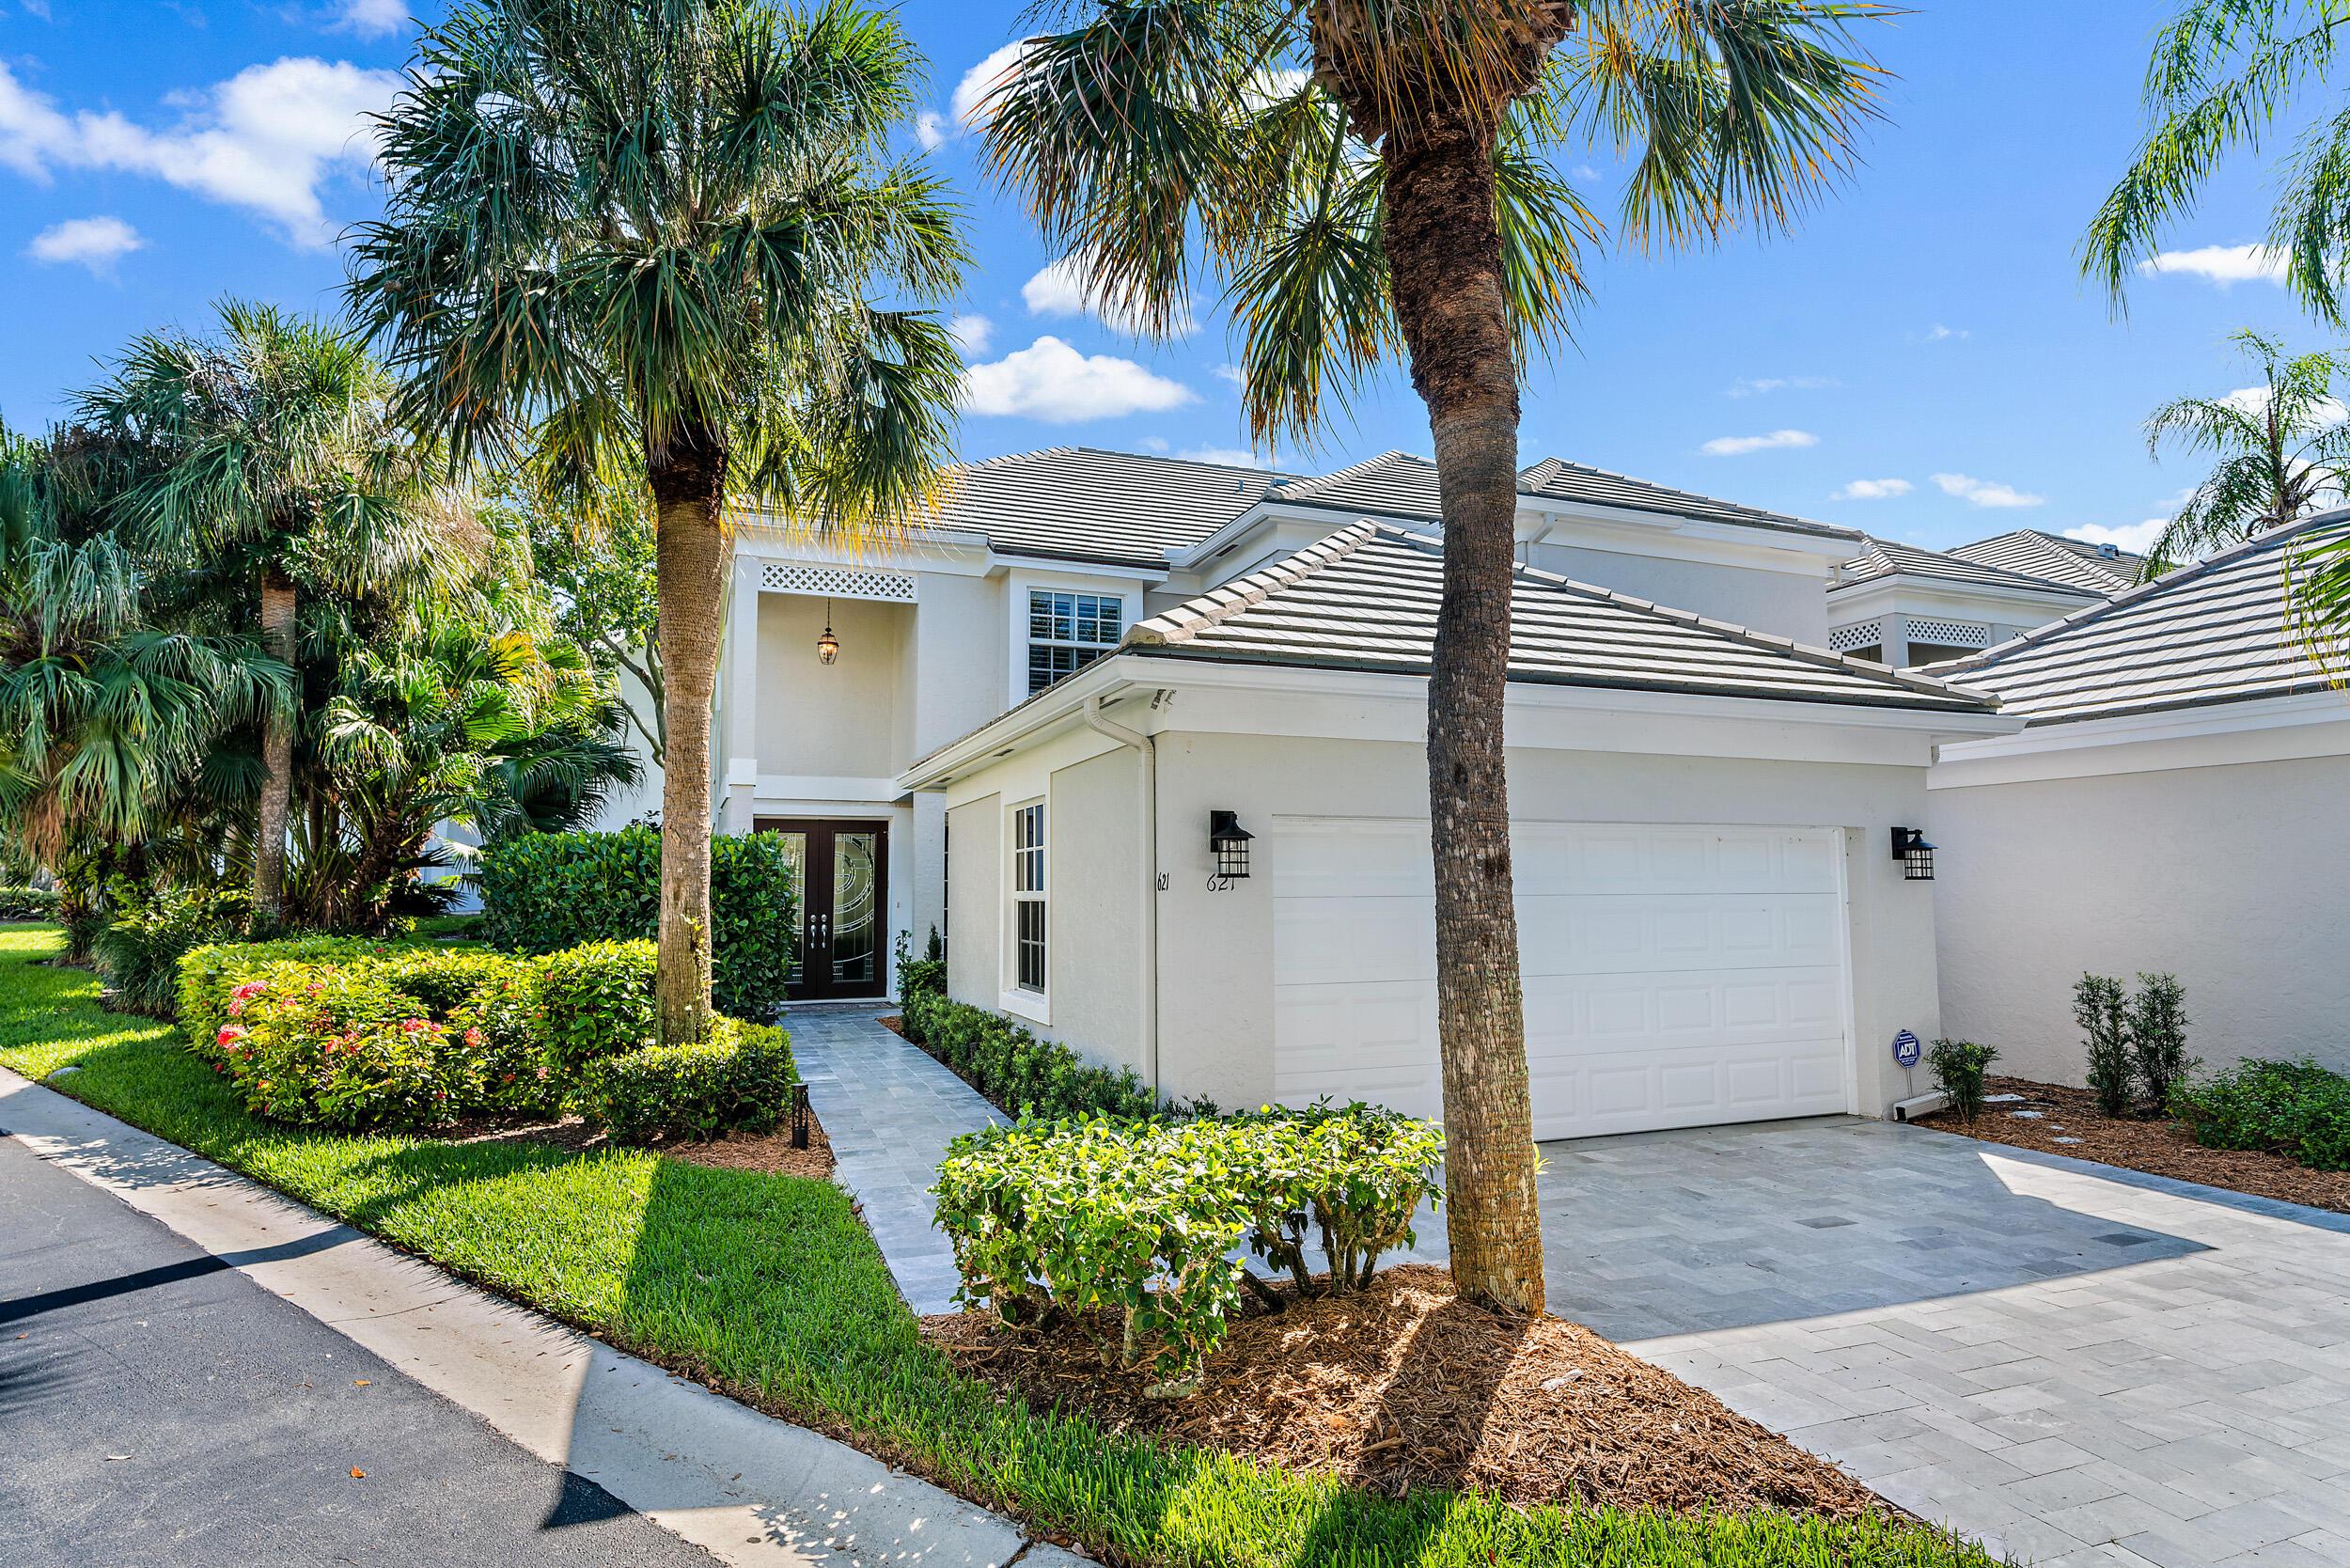 1000 N Us Highway 1  621 For Sale 10751812, FL